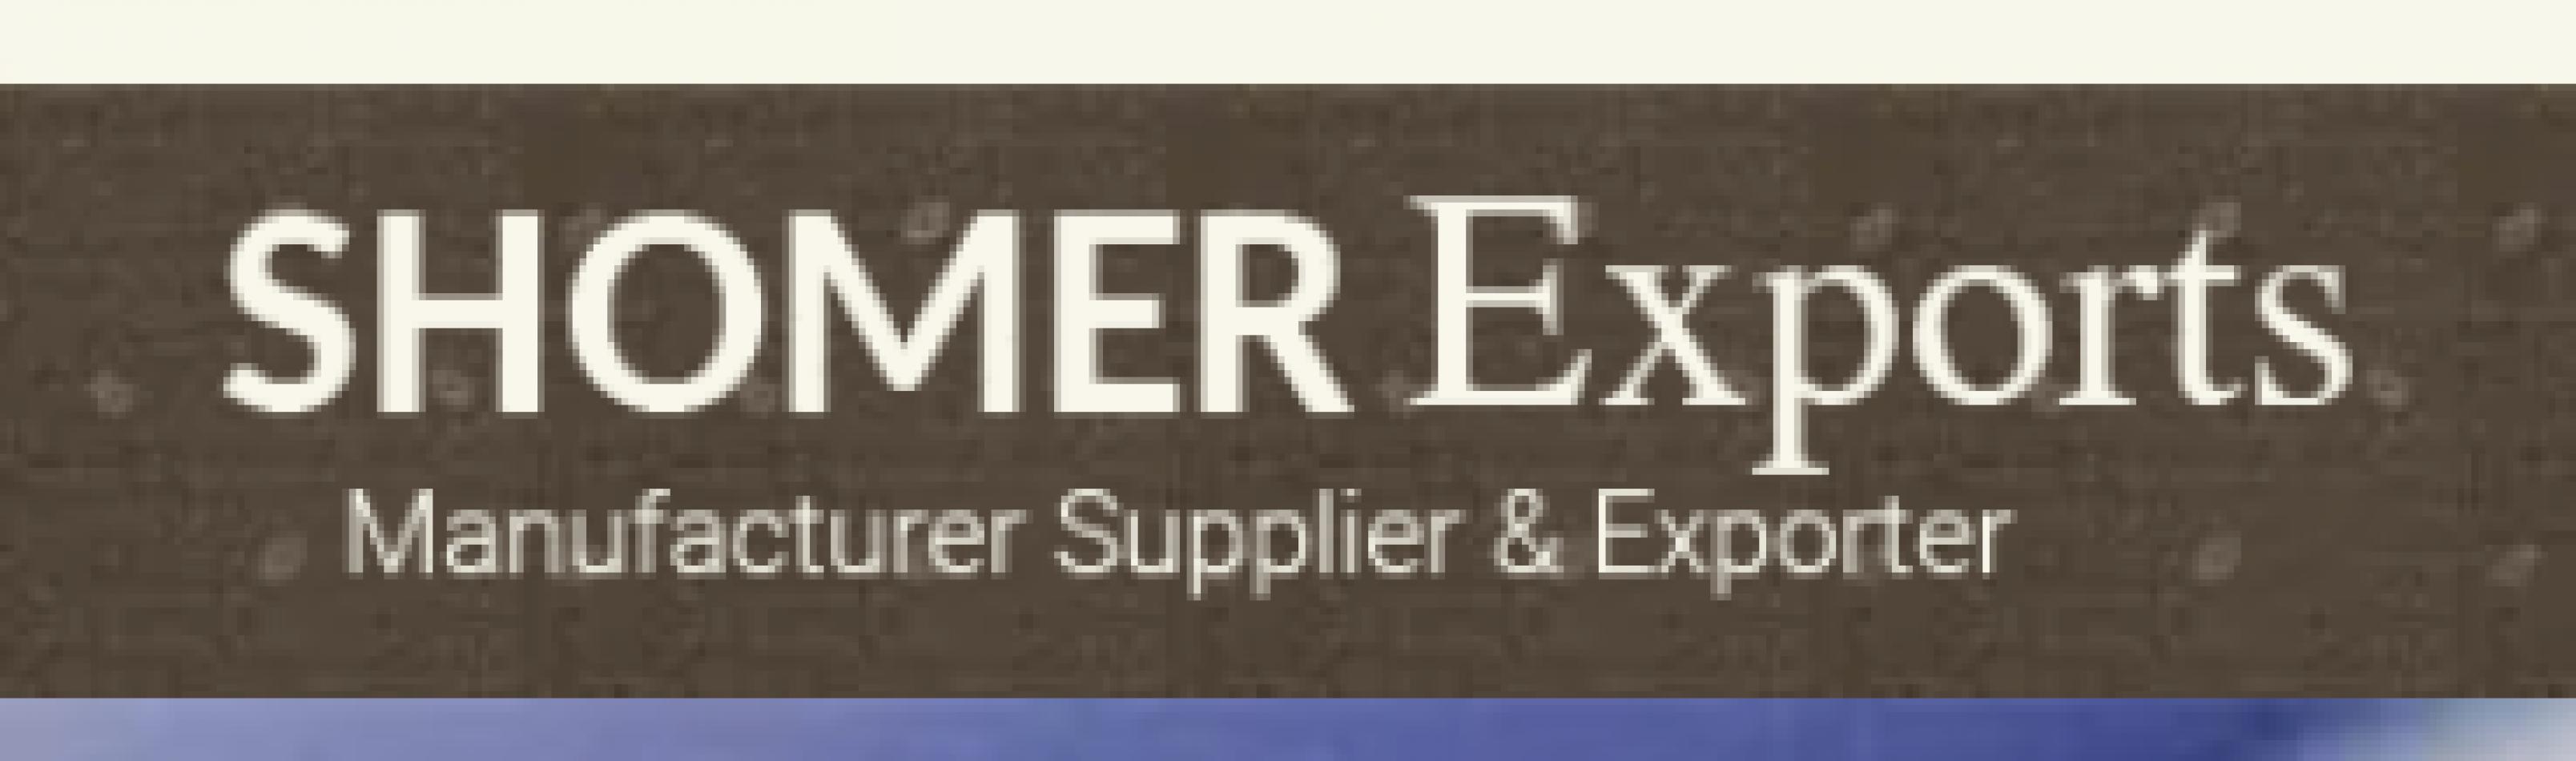 SHOMER EXPORTS.